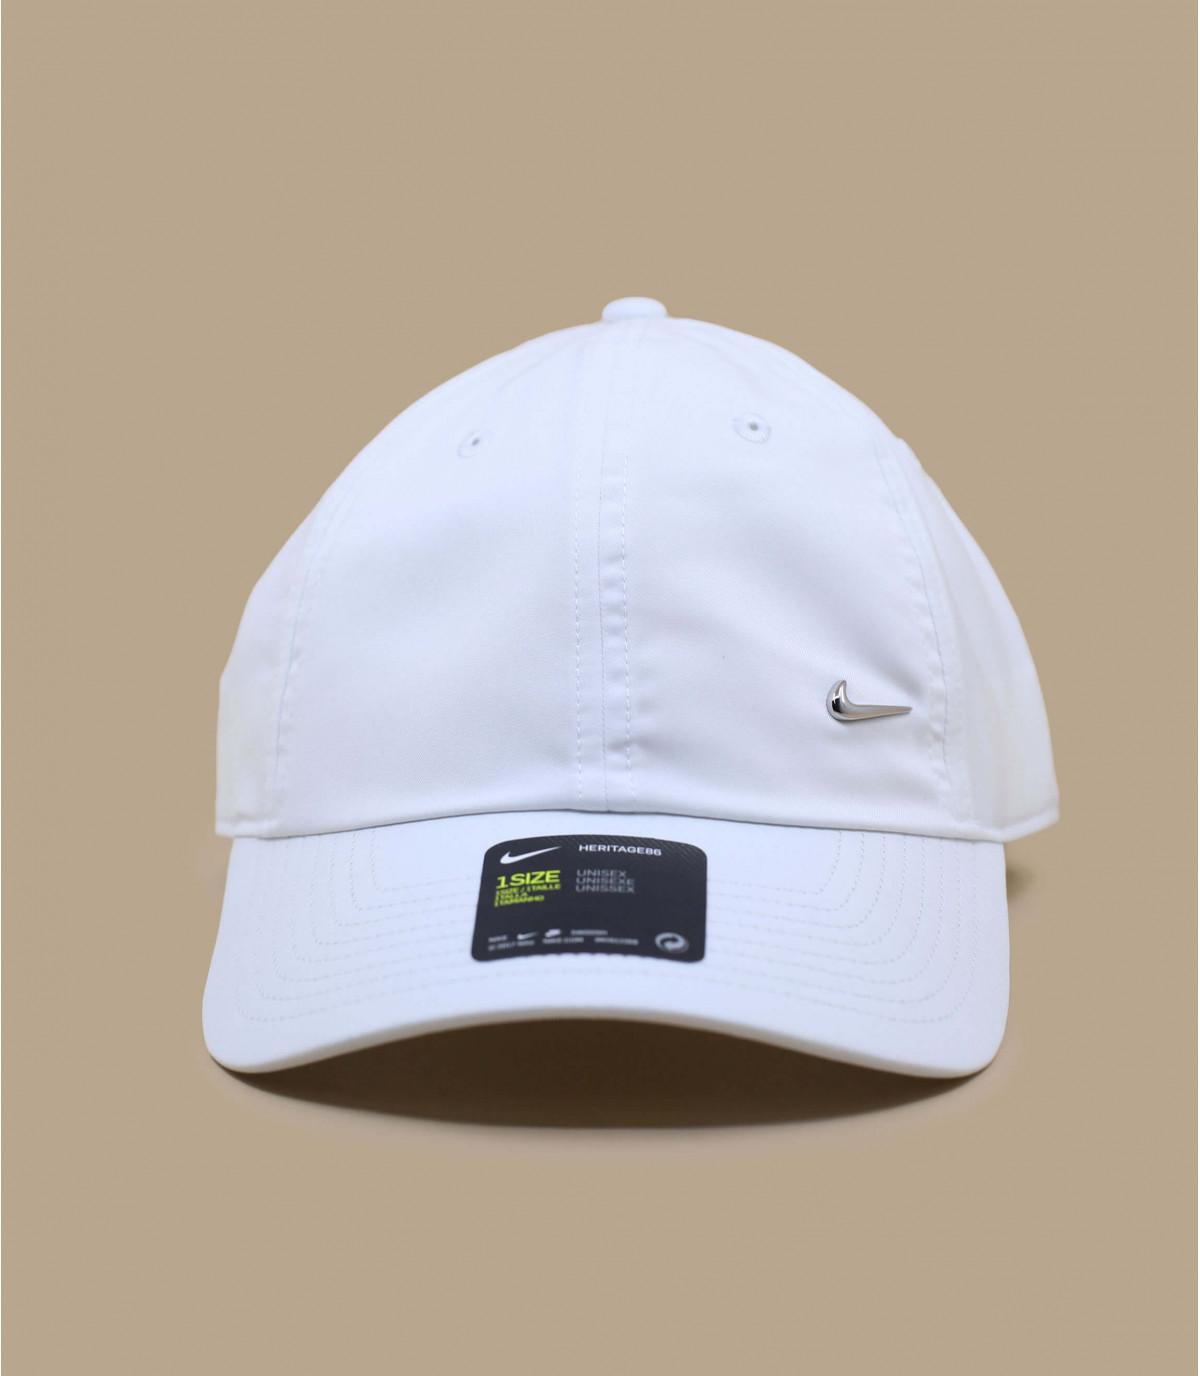 Cappellino Nike bianco